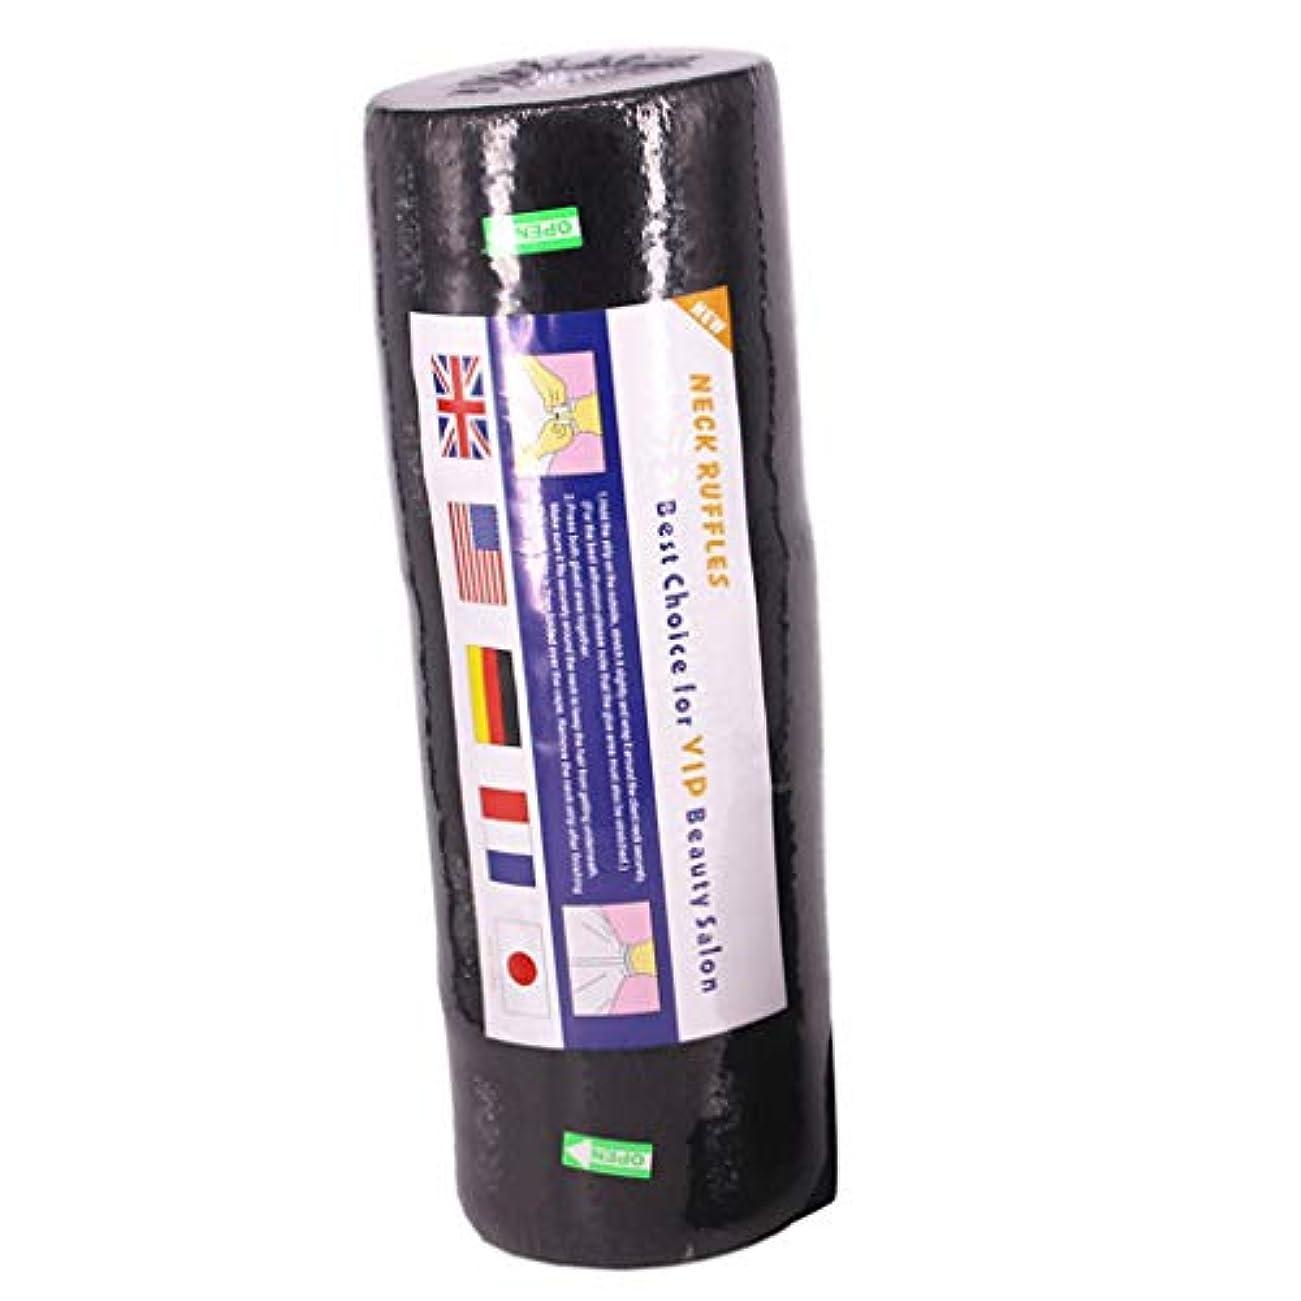 ミサイルつぶやき十代の若者たちHellery 5ロール/バッグ使い捨てネックストリップペーパーカラーバーバーショップサロンケープ